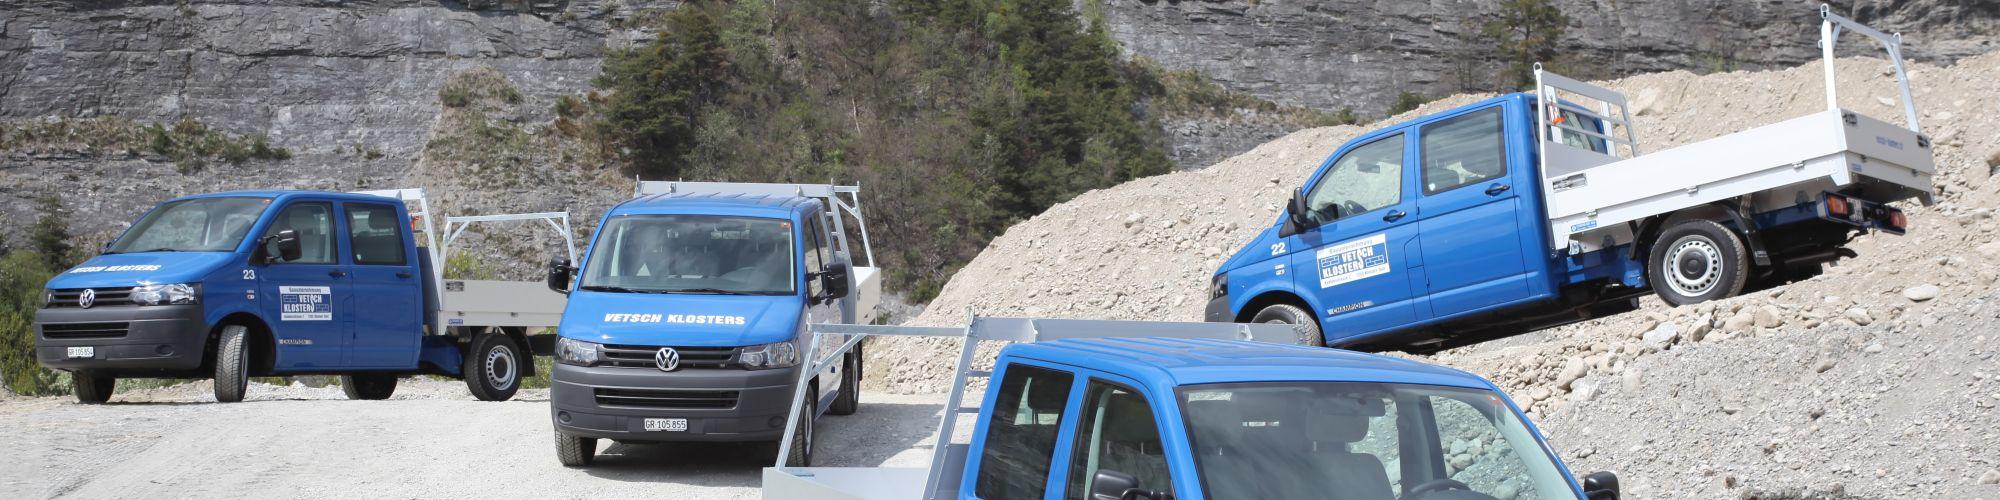 Bauunternehmung Vetsch Klosters AG